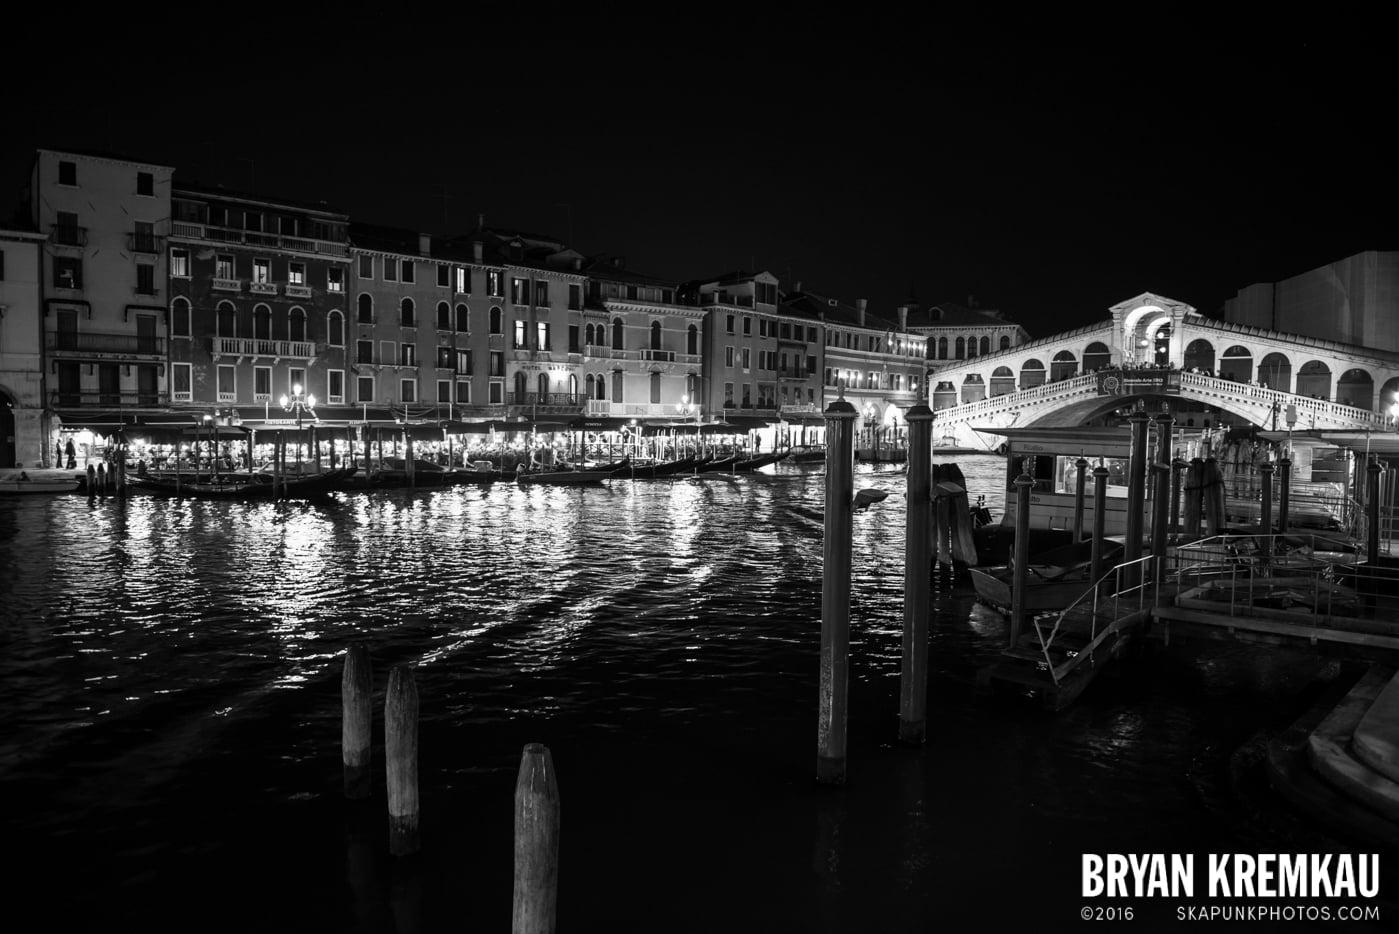 Italy Vacation - Day 5: Venice - 9.13.13 (1)